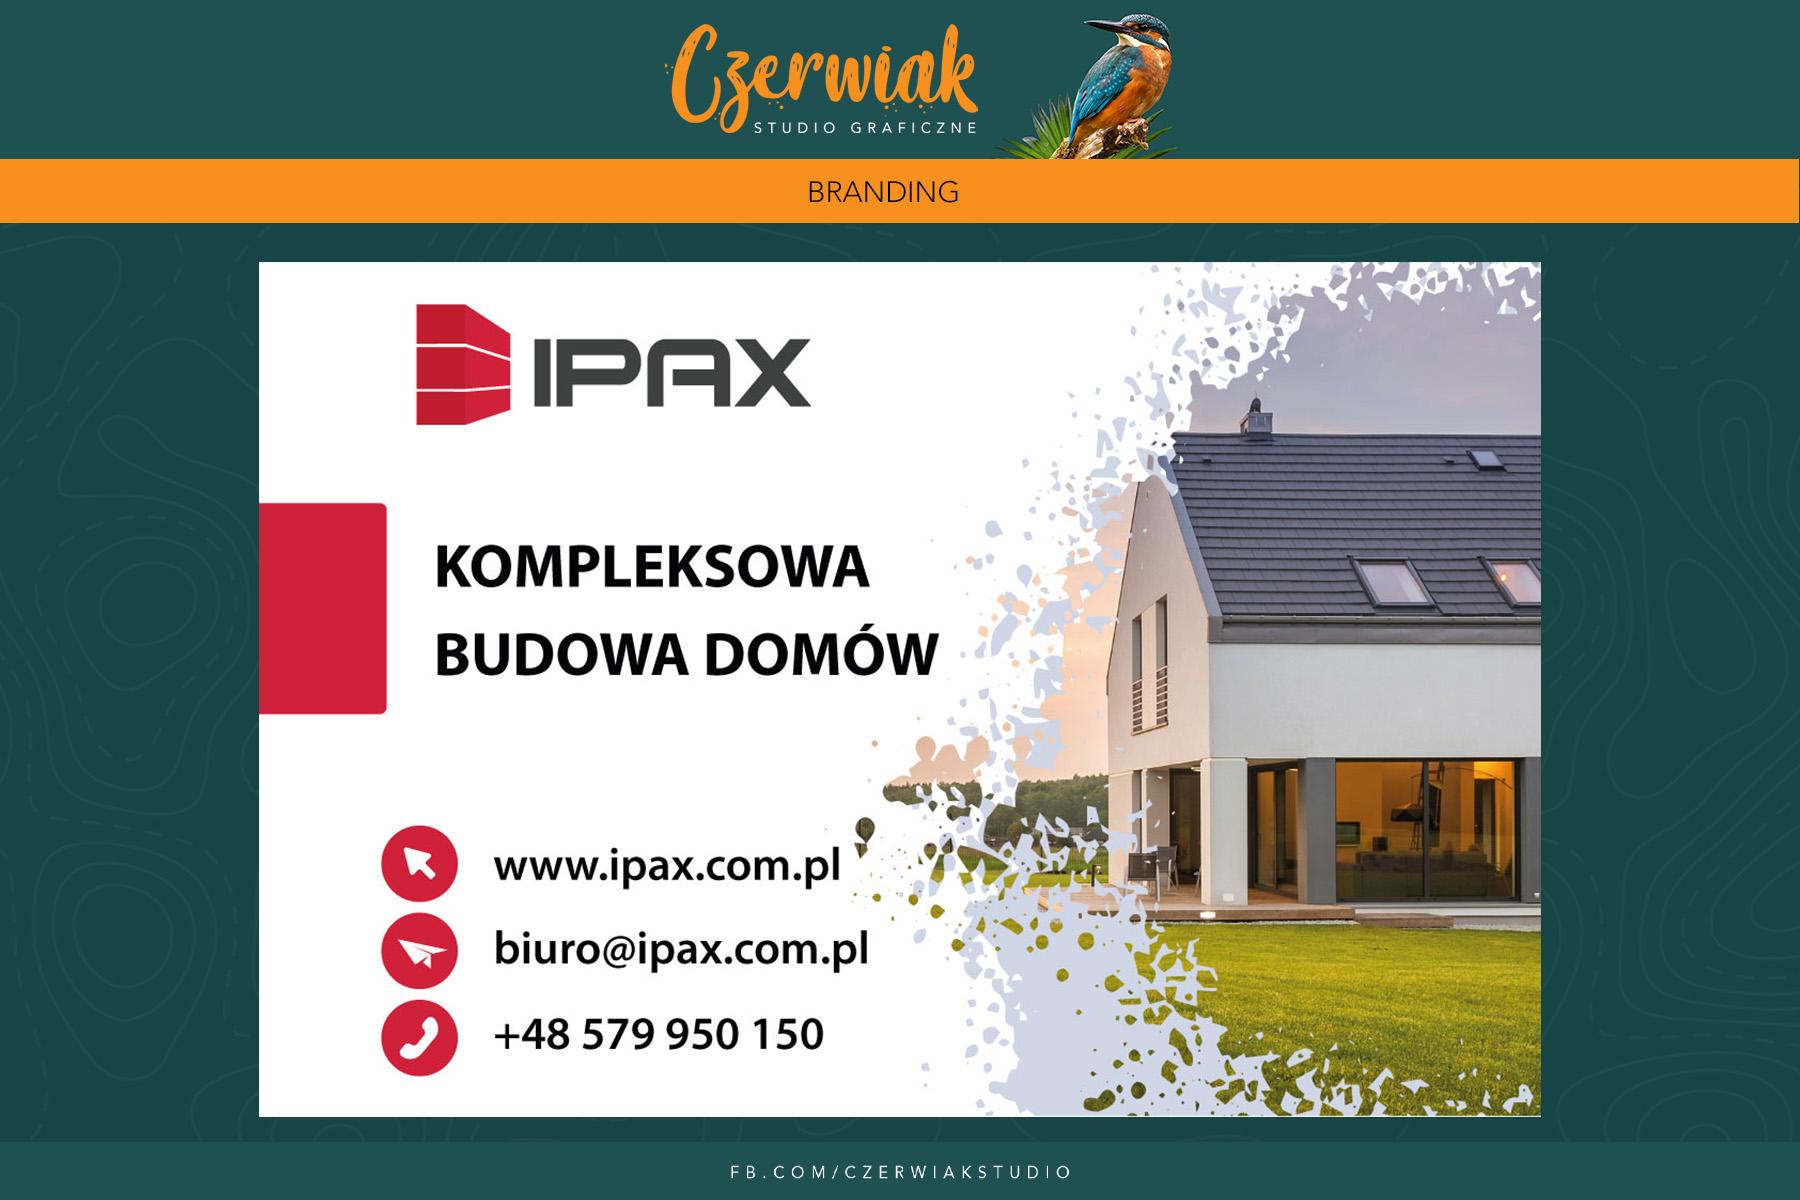 IPAX strona internetowa dla firmy zajmującej się kompleksową budową domów